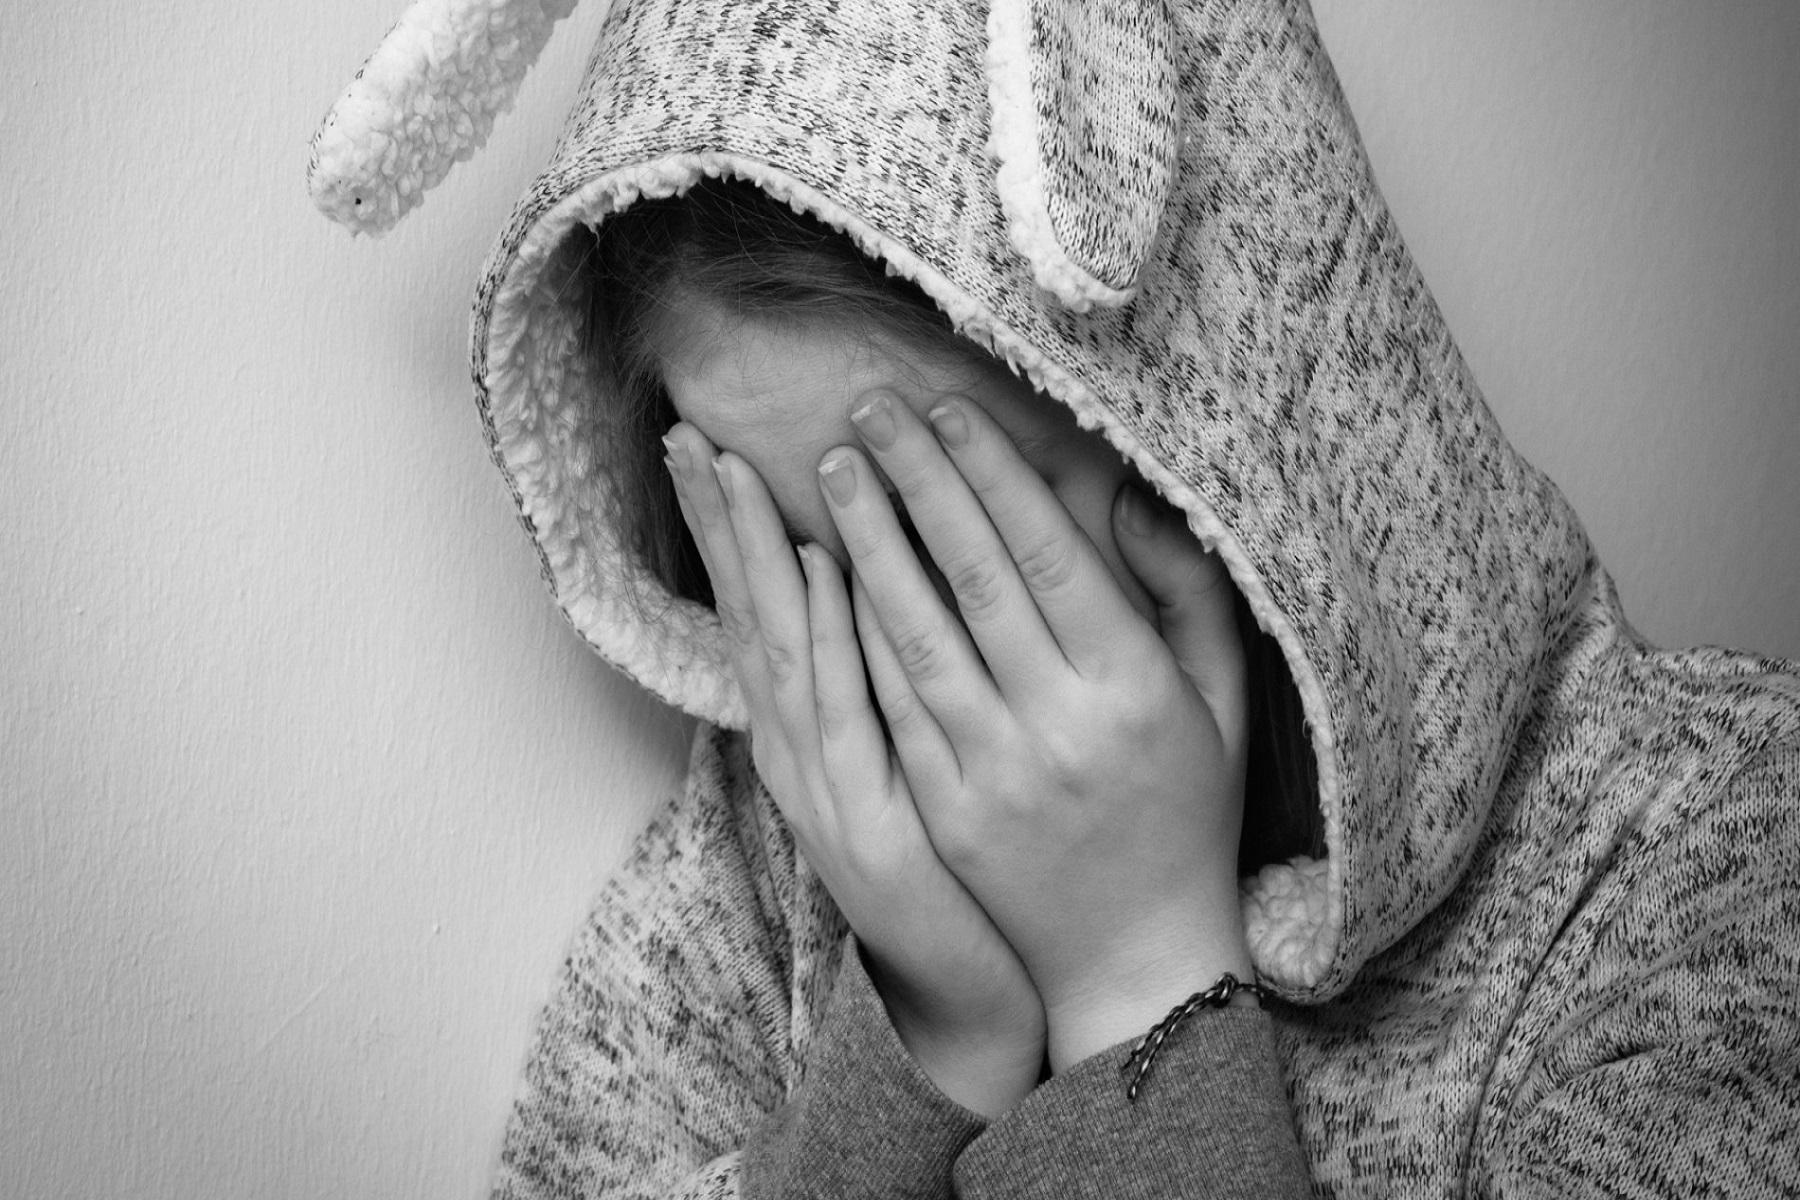 Παιδί Απογοήτευση: Πώς να βοηθήσουμε ως γονείς στην ανάπτυξη ανθεκτικότητας του παιδιού